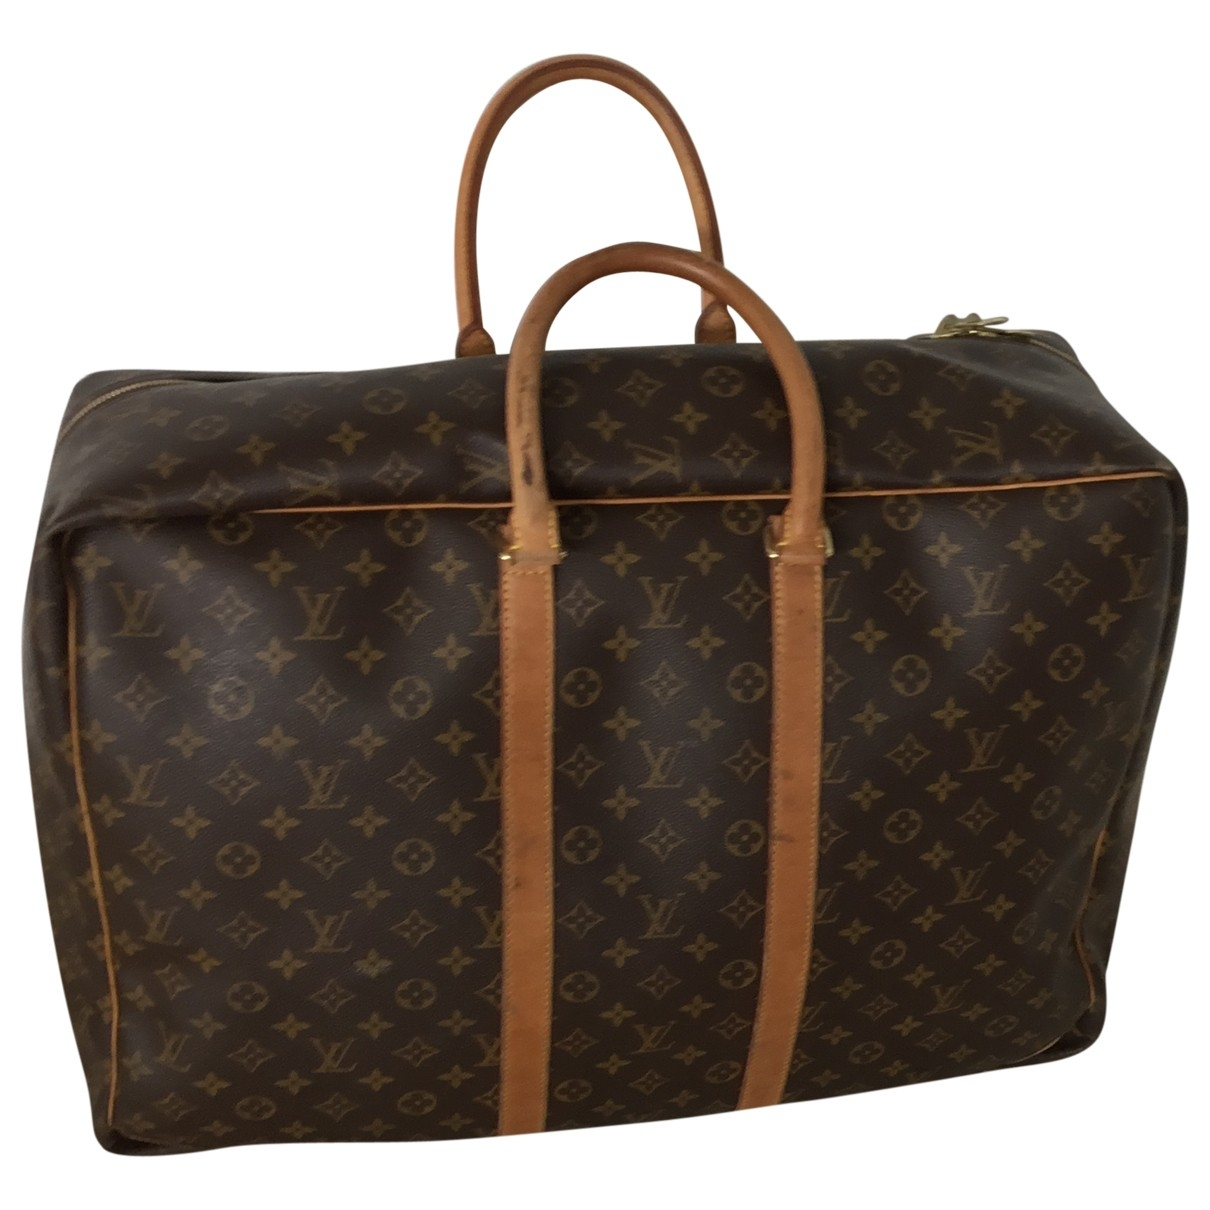 Louis Vuitton Keepall Reisetasche in  Braun Leder